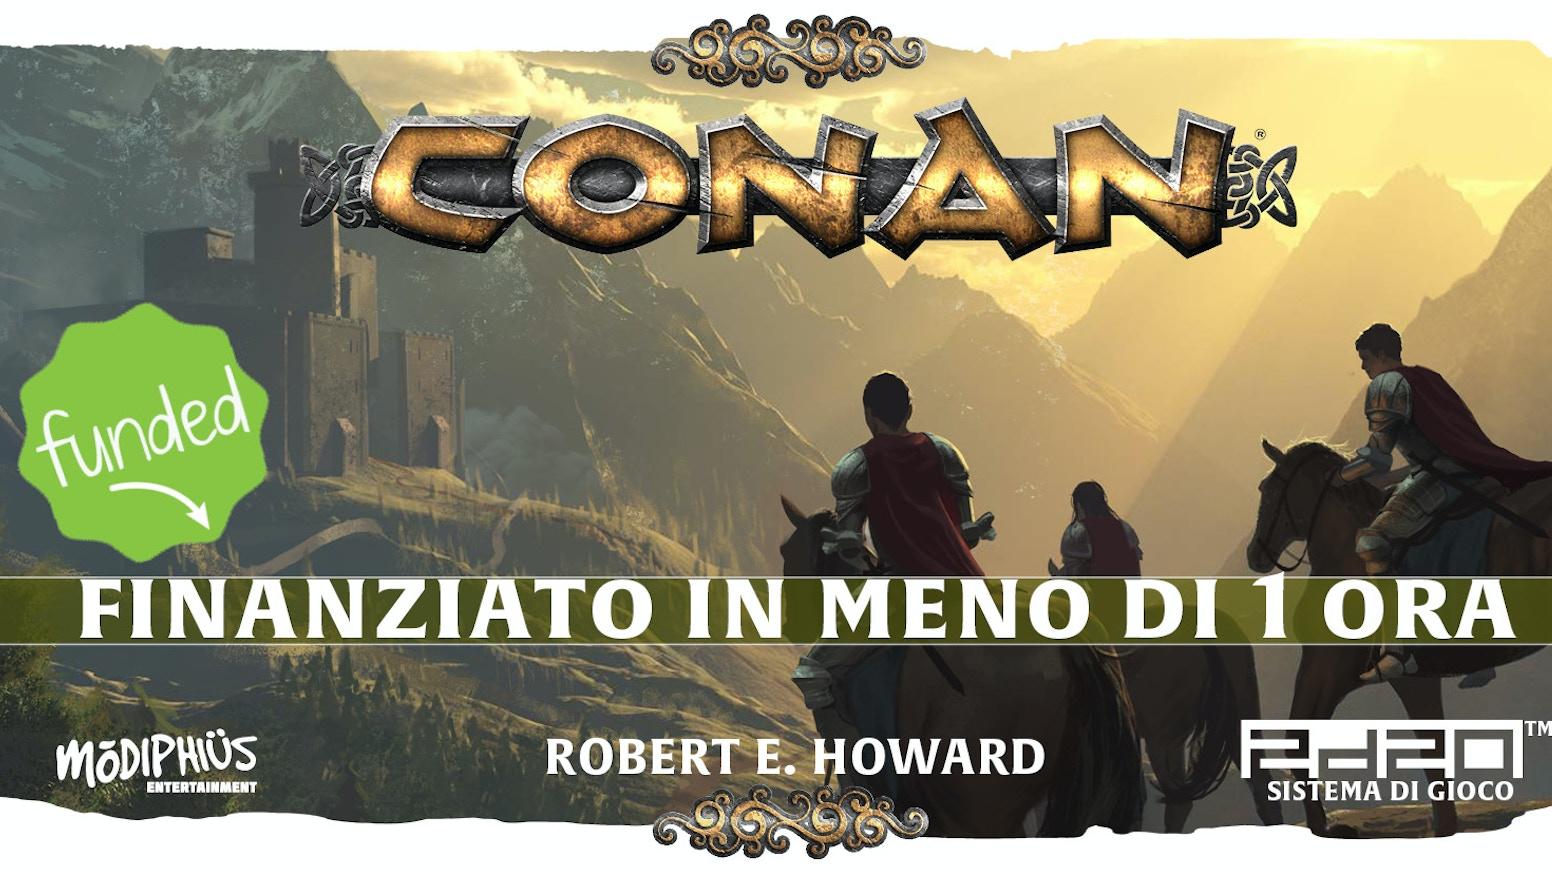 Questo è il GdR di Conan come Robert E. Howard lo scrisse – avventure cruente e selvagge contro antichi orrori nell'Era Hyboriana.